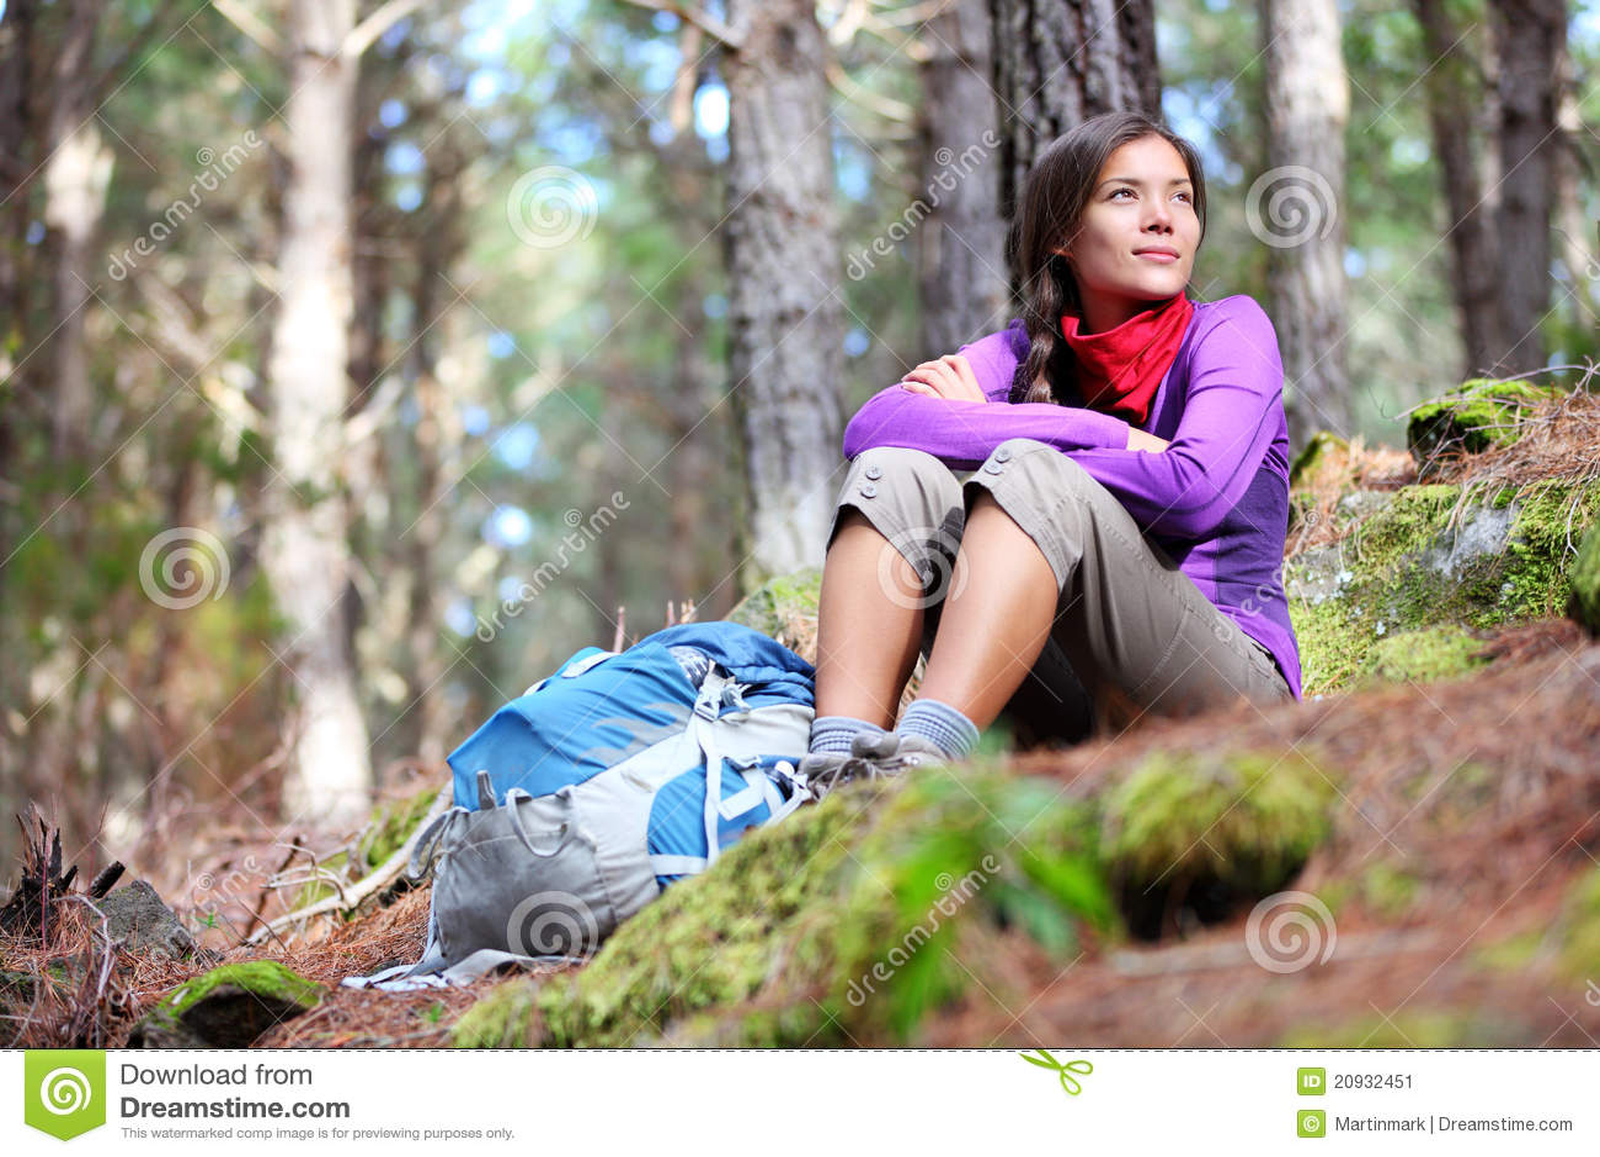 Karinaworld imagesize:700x1050a Pimpandhost ) ... nude view 600x800 jpeg 496x768 pia zadora nude view 496x768 jpeg